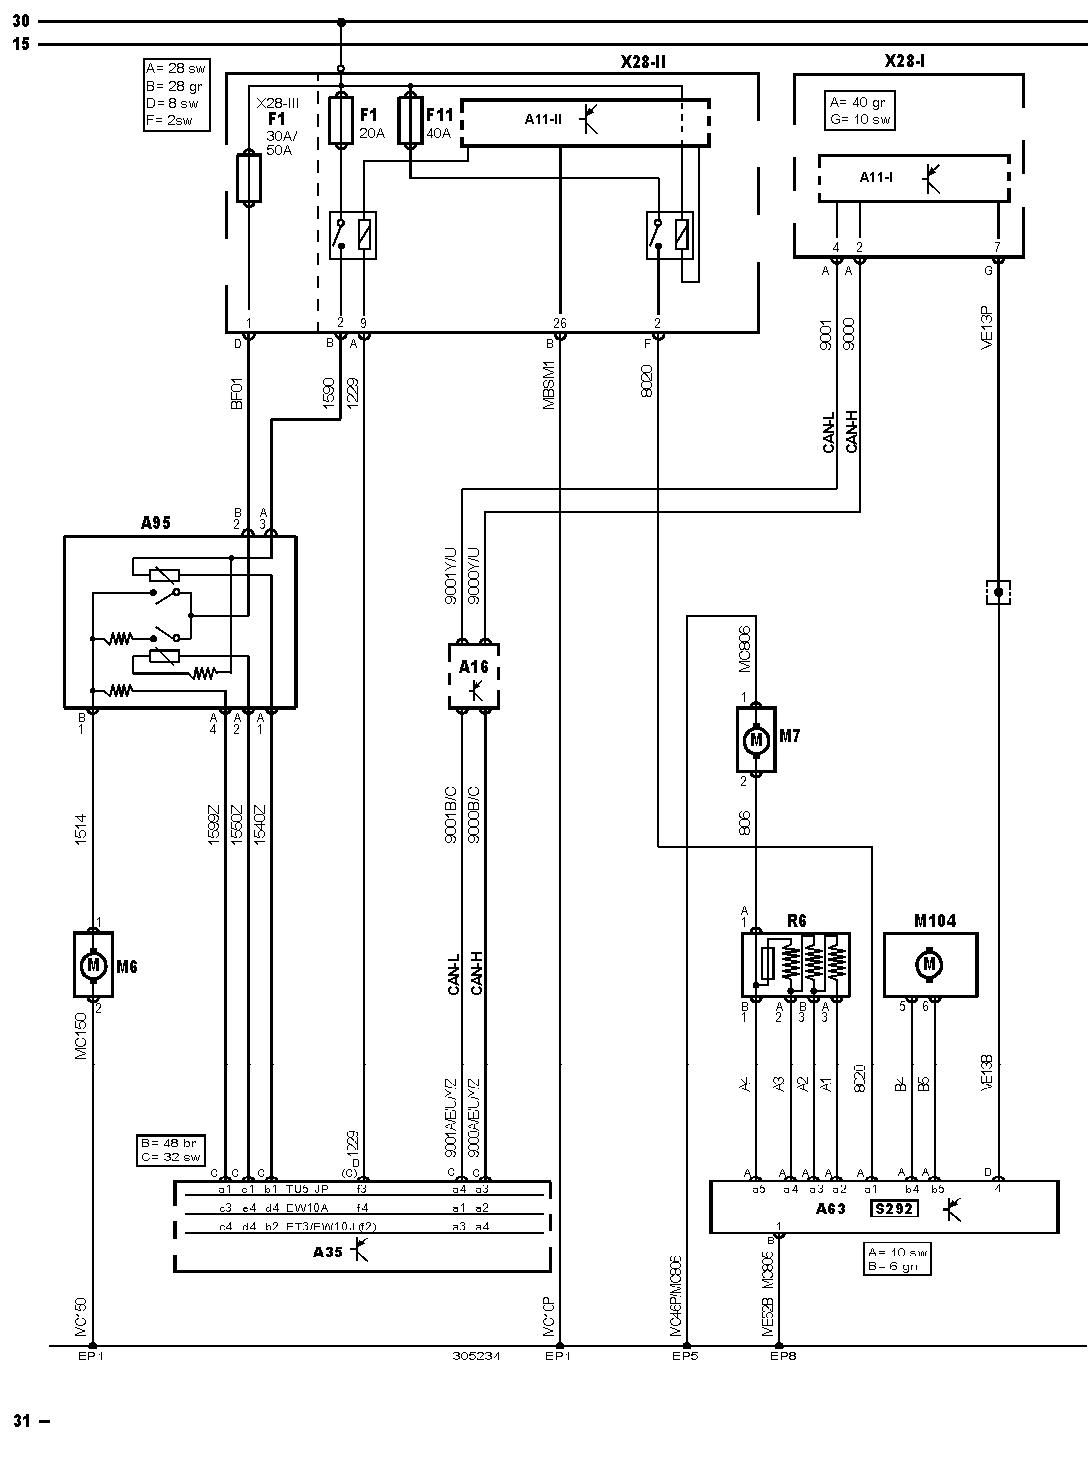 Schema electrique ventilation peugeot partner